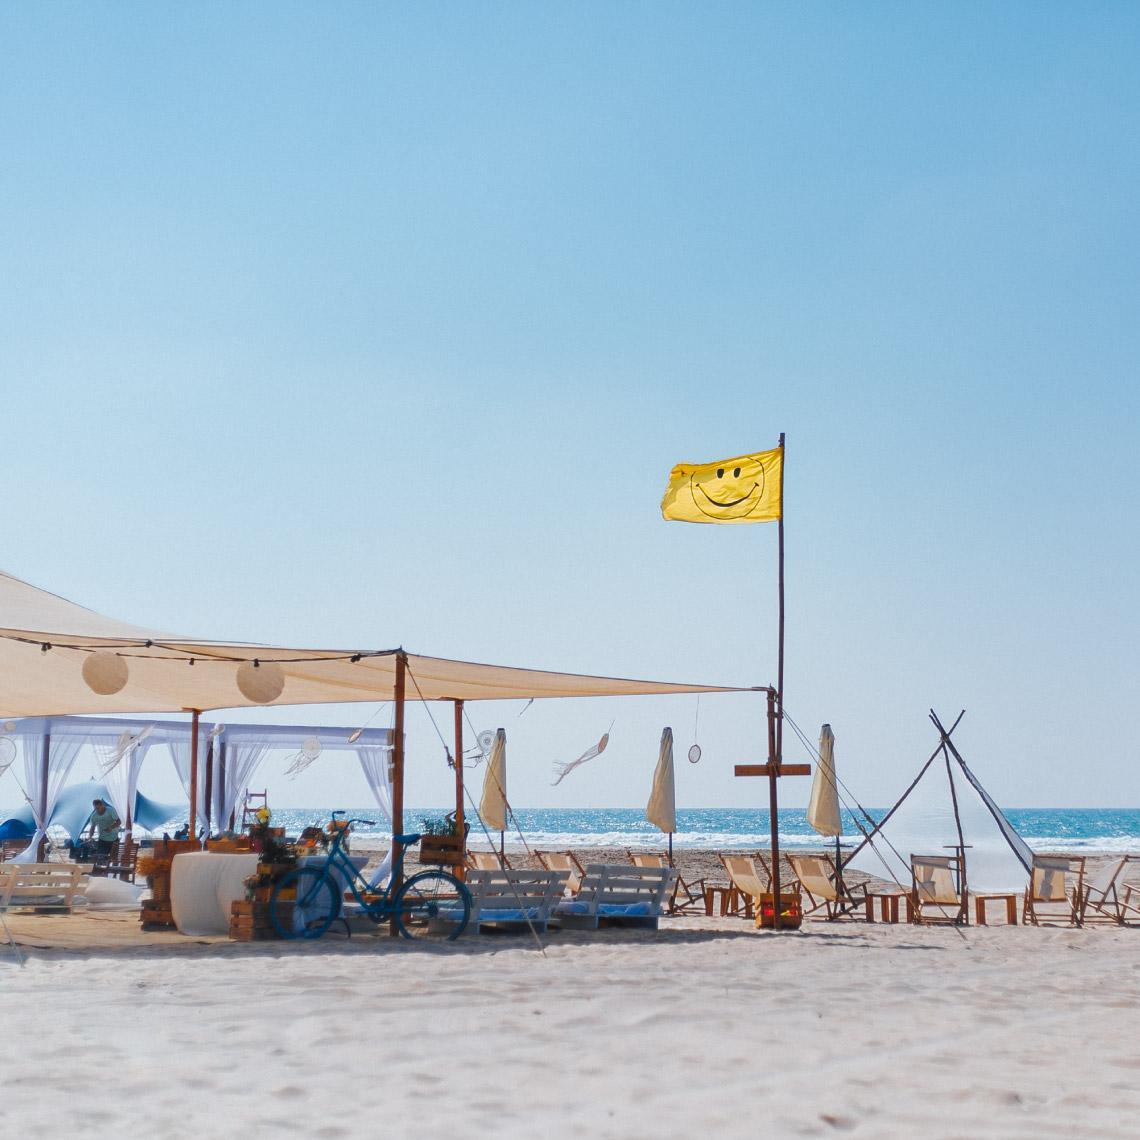 אירוע על החוף - מרפסת בטבע